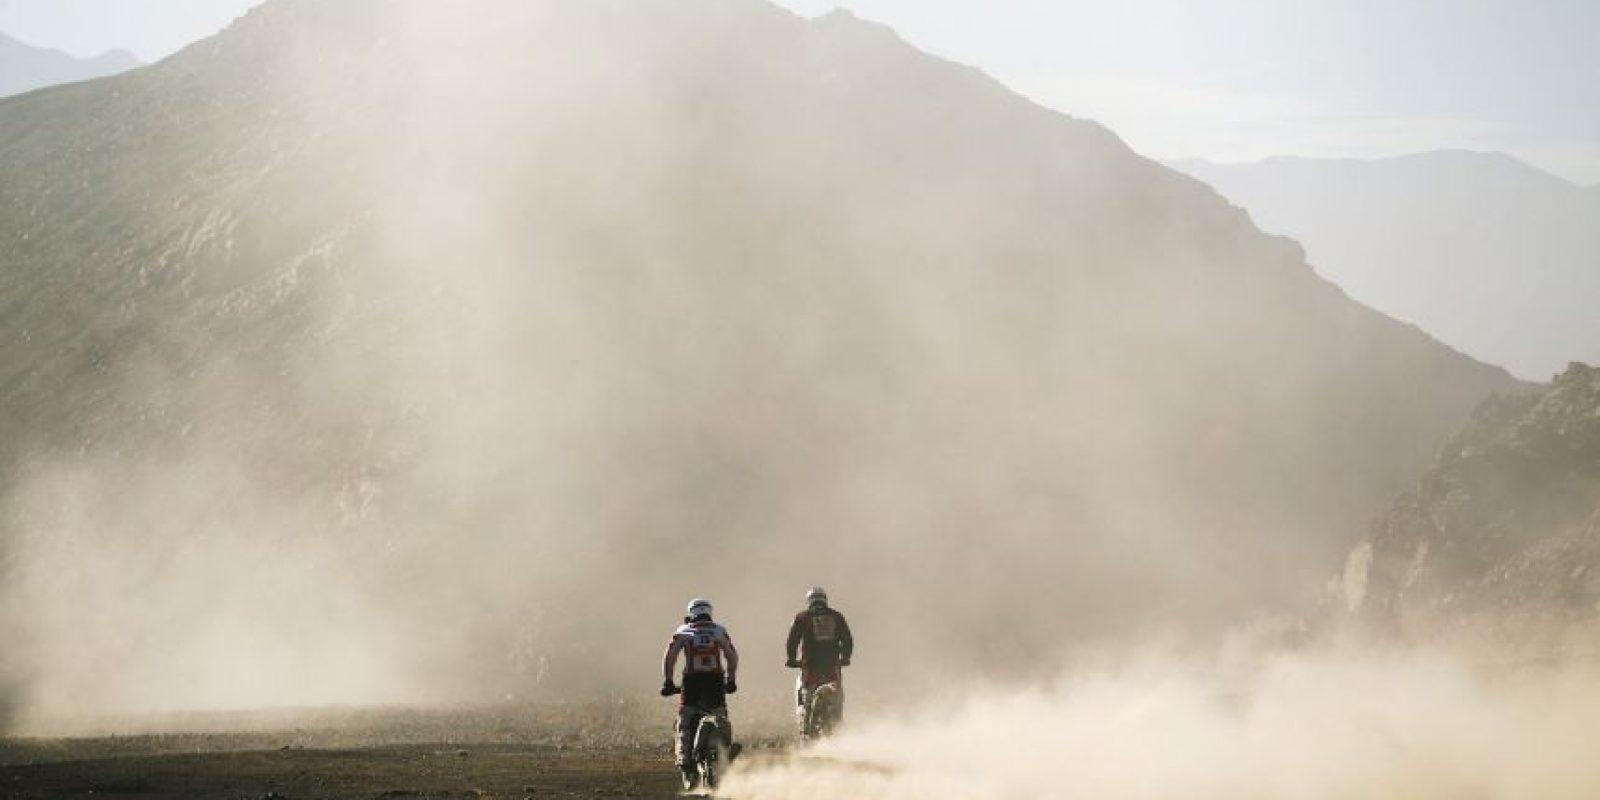 En 2014 murió el motociclista belga Eric Palante de Honda en el trayecto que va de Chilecito a Tucumán. Foto:Getty Images